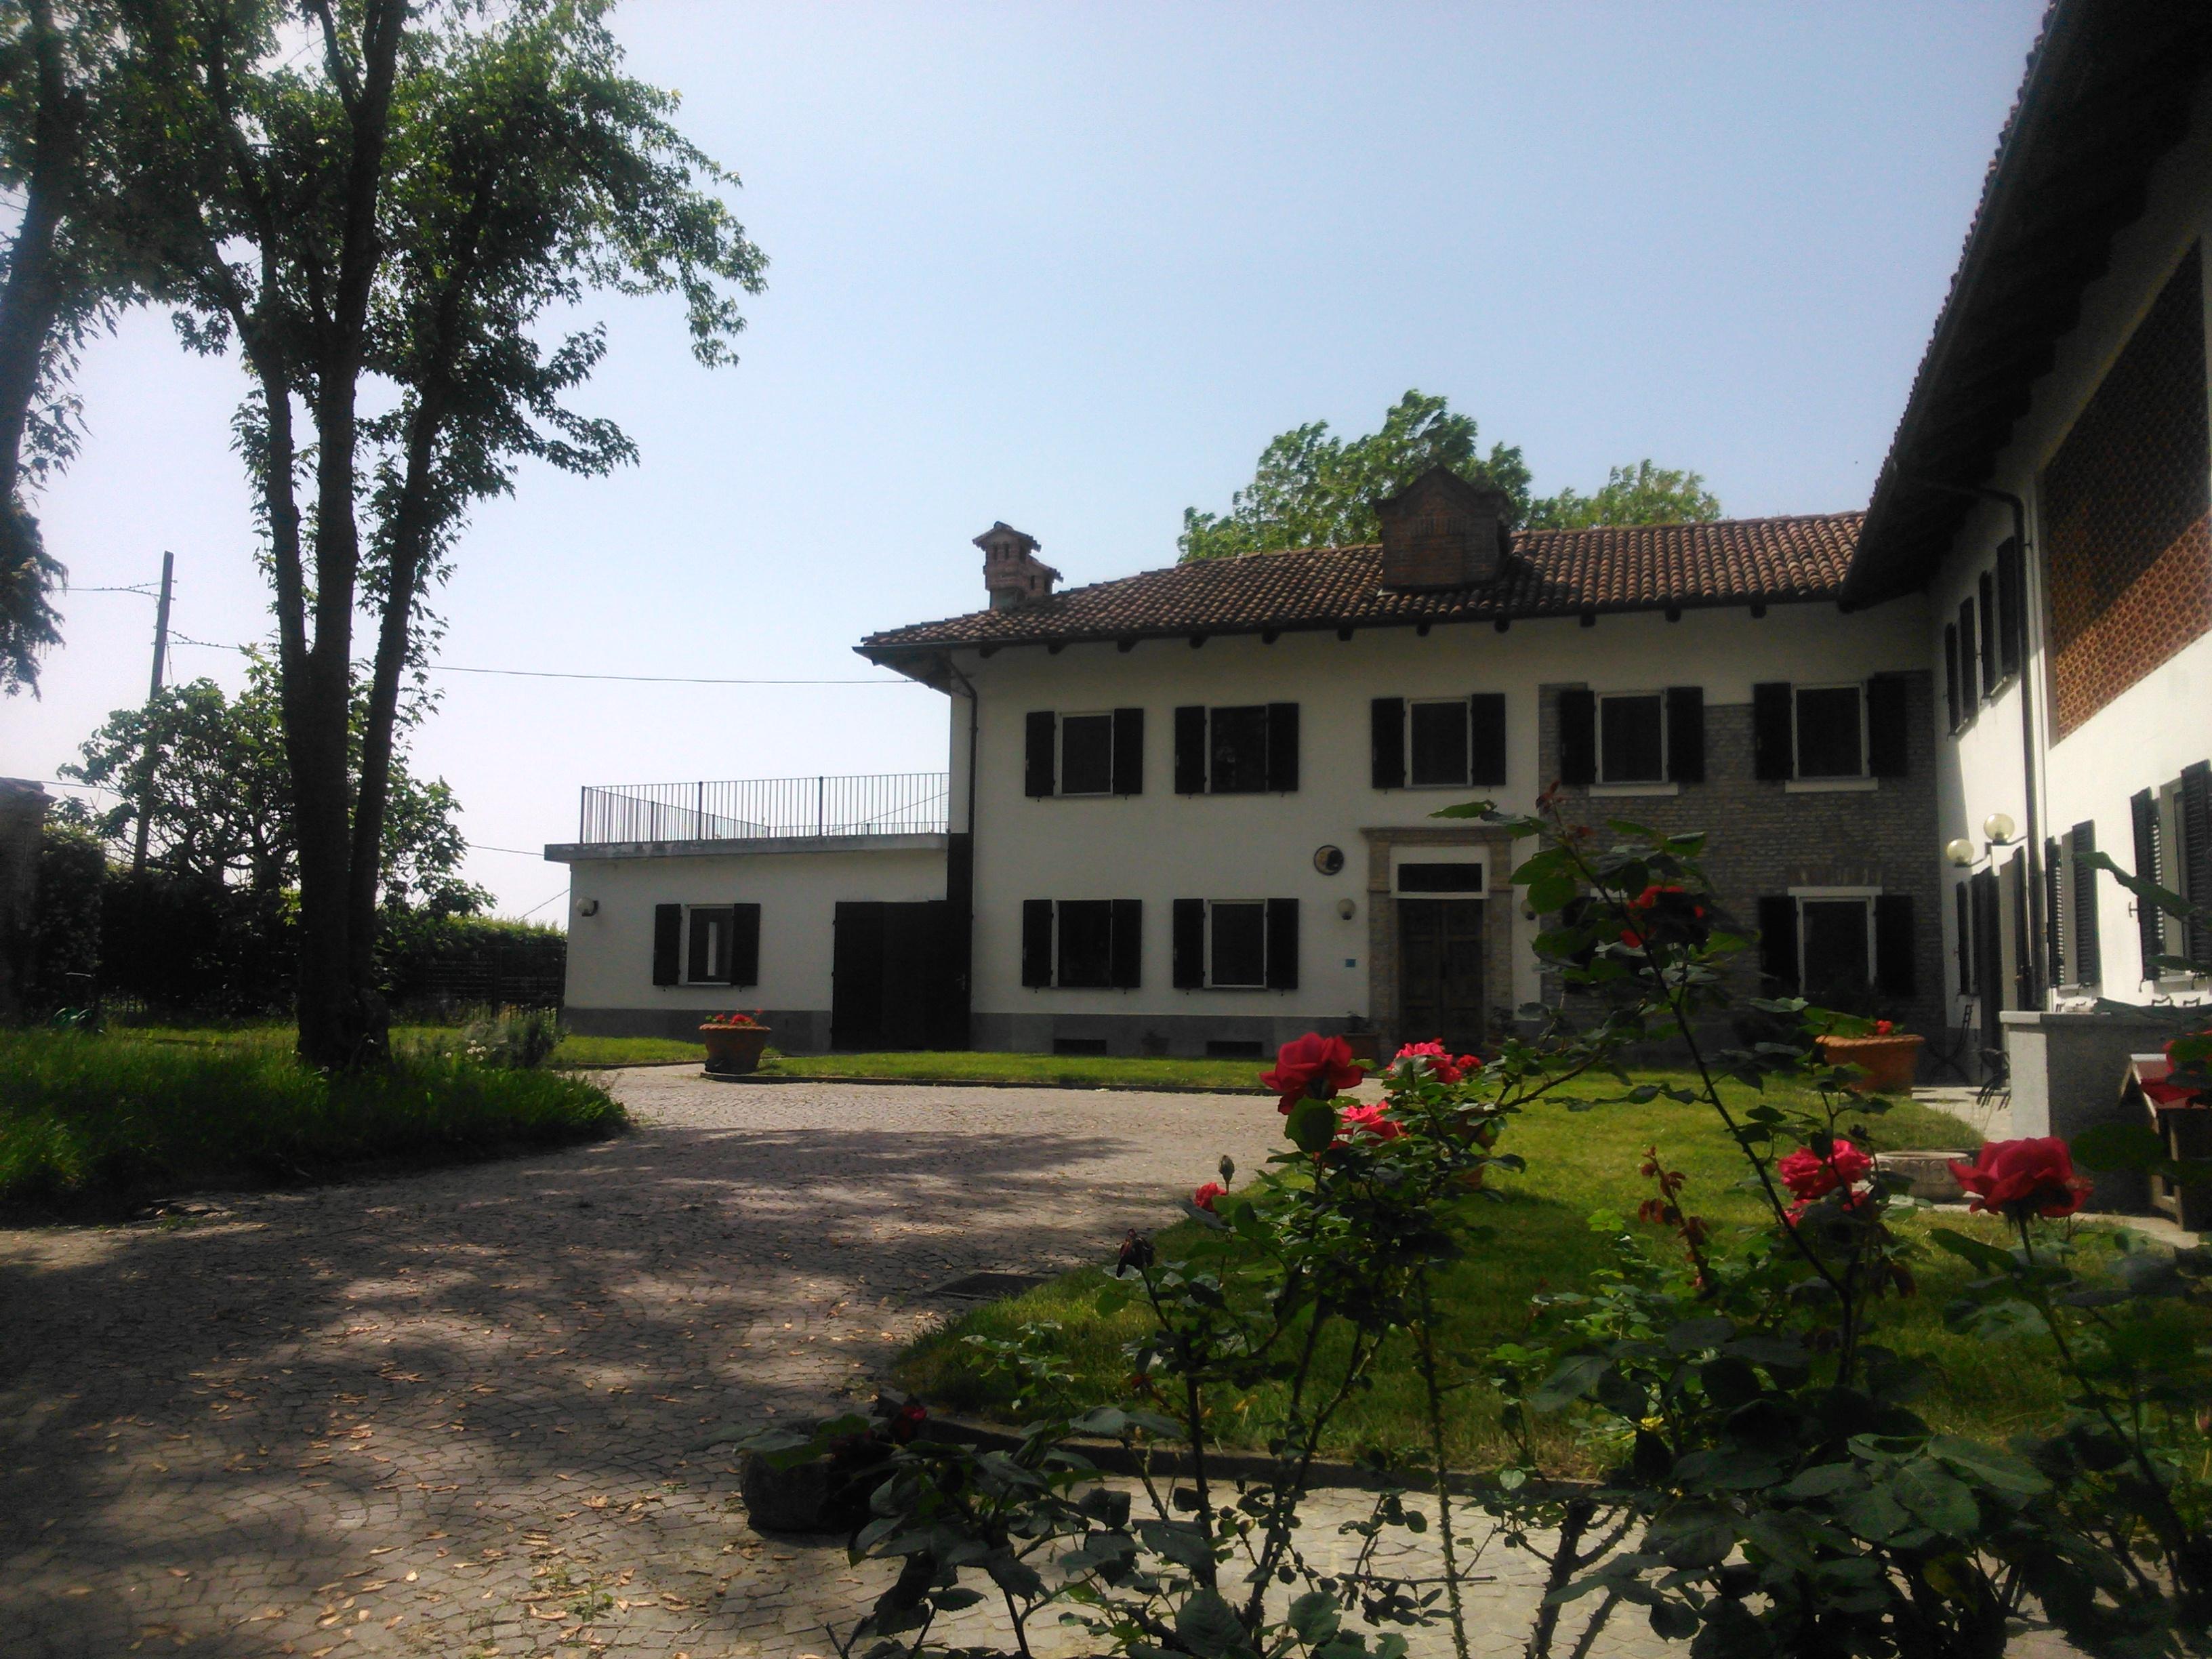 Casa Ramonda e la strada romantica delle Langhe e del Roero.